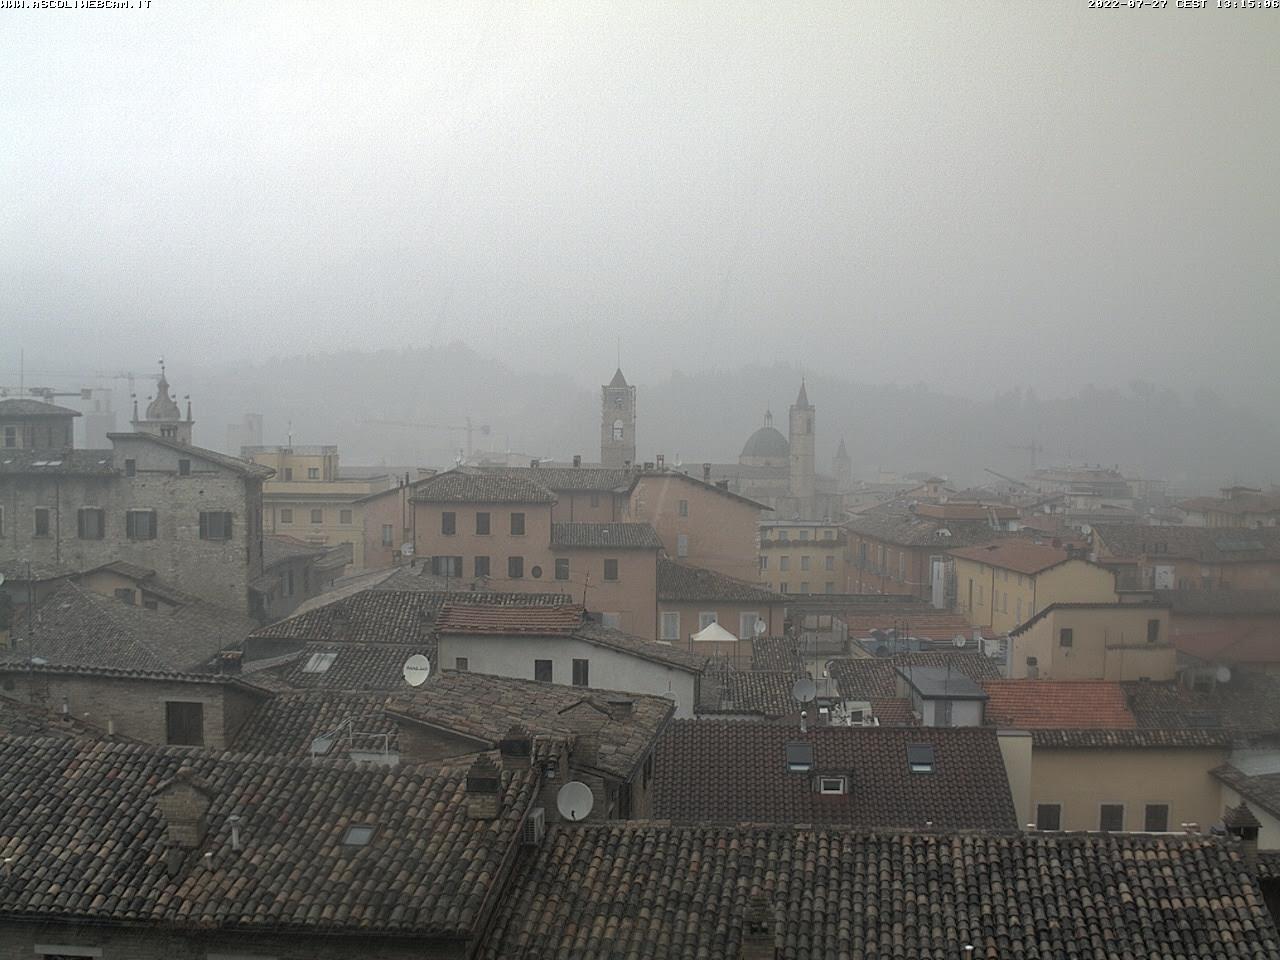 Ascoli Piceno Web Cam